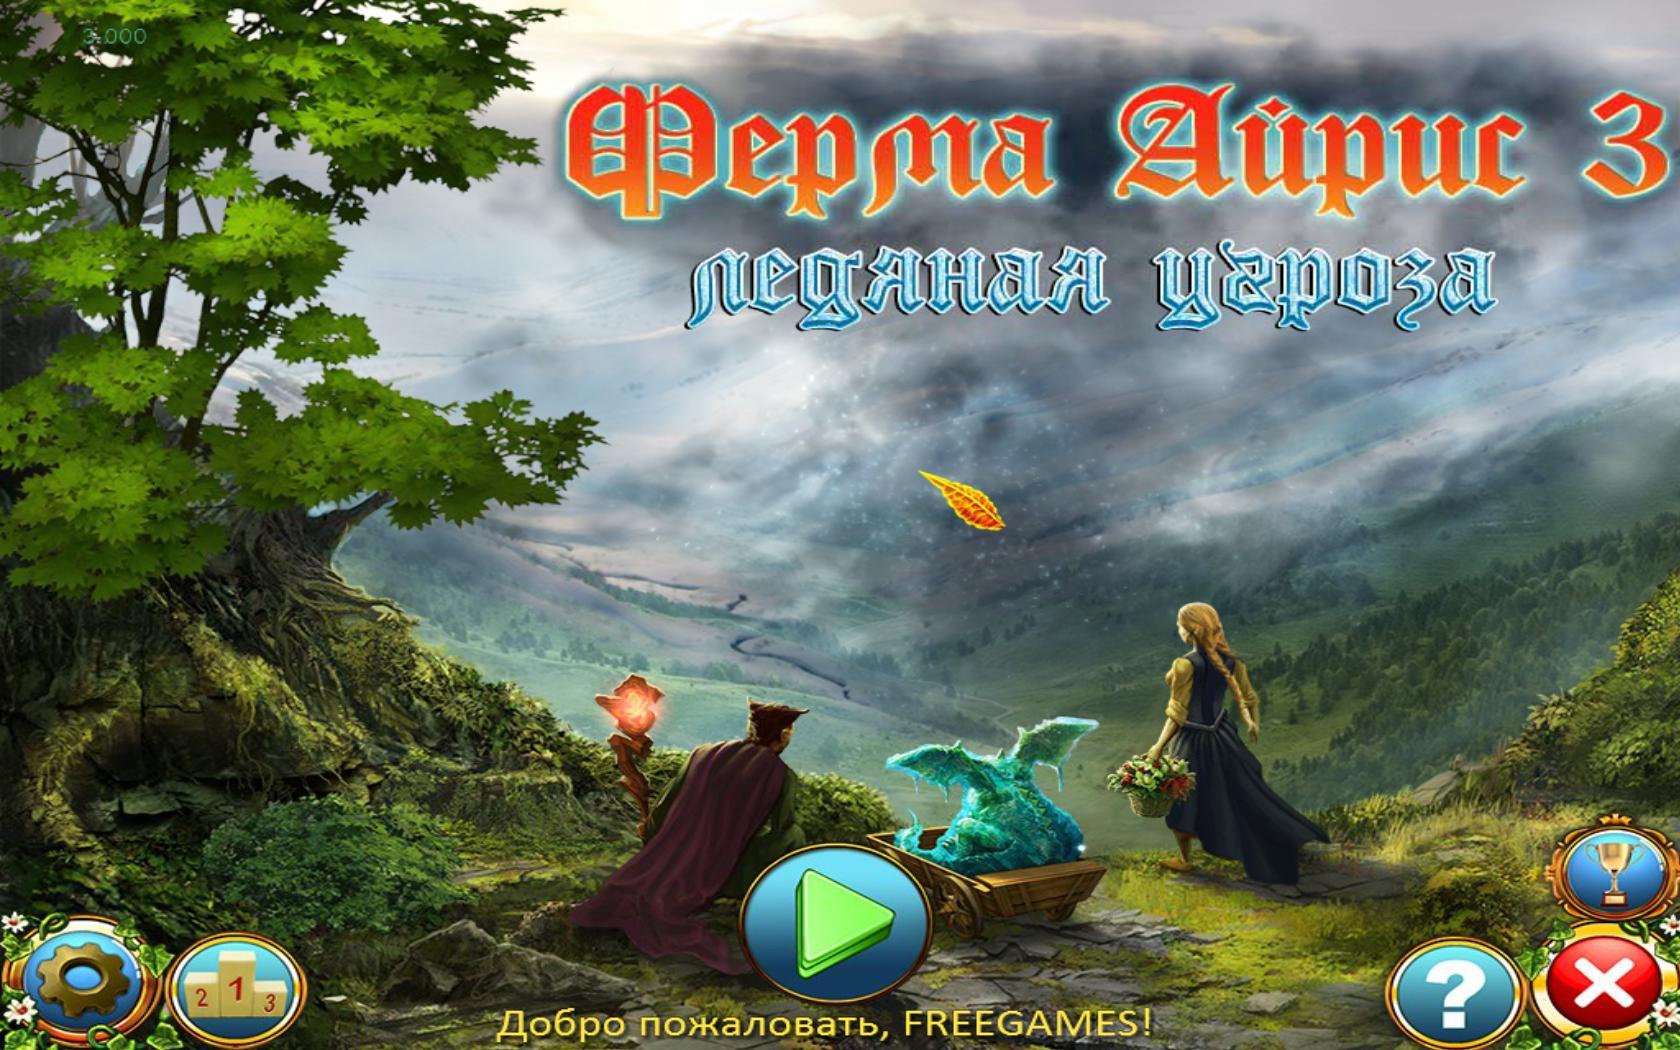 Ферма Айрис 3: Ледяная угроза | Magic Farm 3: The Ice Danger (Rus)